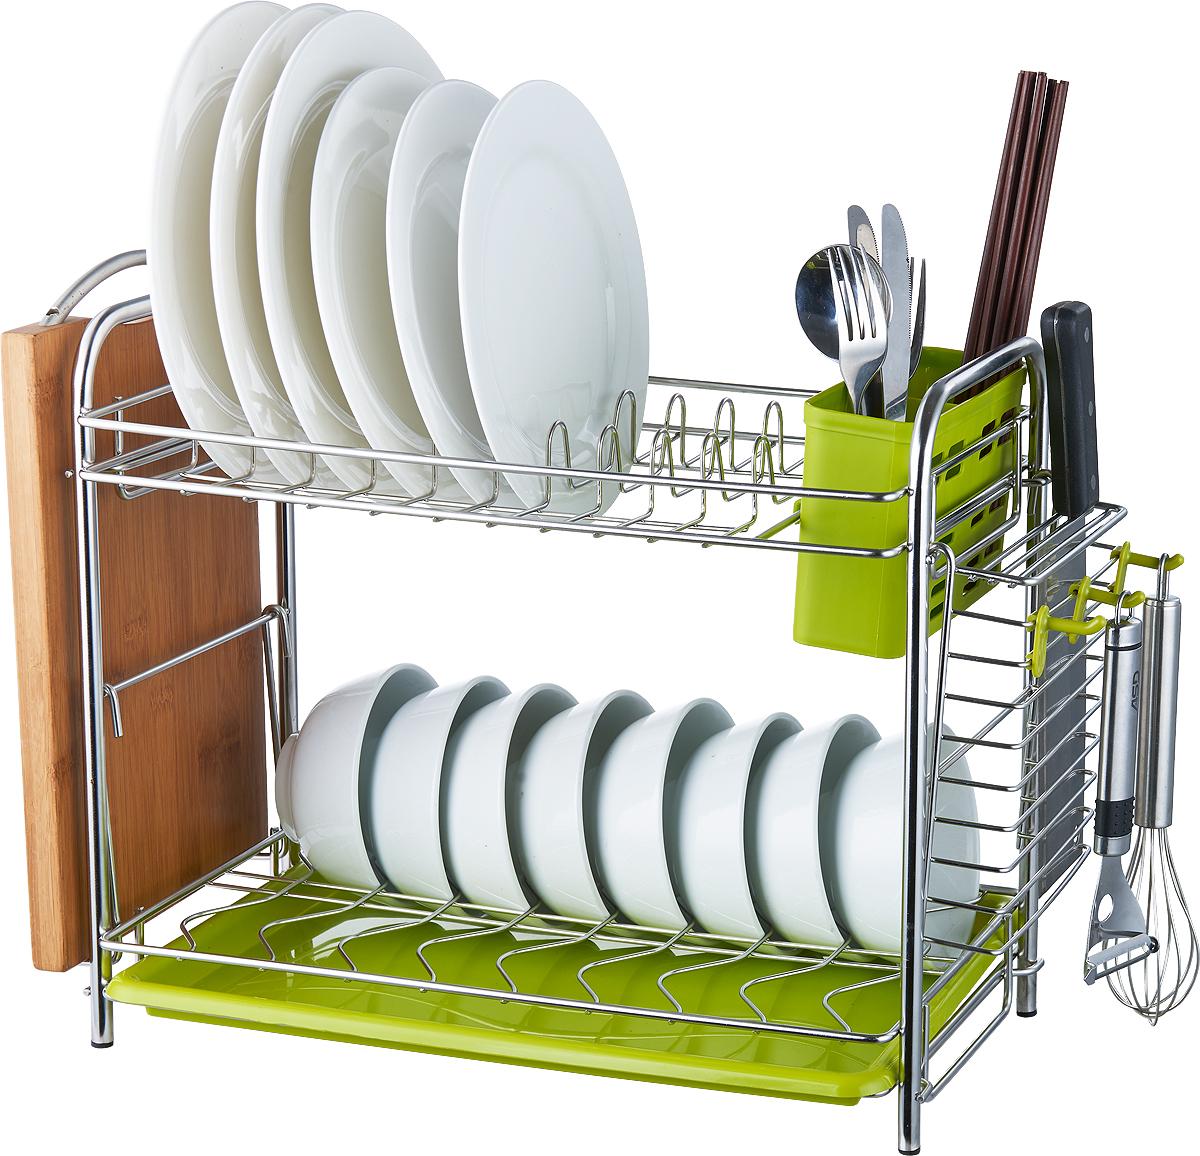 Сушилка для посуды Travola, двухъярусная. DQ-6154A2DQ-6154A2Двухъярусная сушилка для посуды Travola изготовлена из стали и пластика. Она представляет собой сочетание решеток, подставок и крючков для кухонных приборов. Изделие оснащено пластиковым поддоном для стекания воды. На такой сушилке вы сможете разместить большое количество предметов.